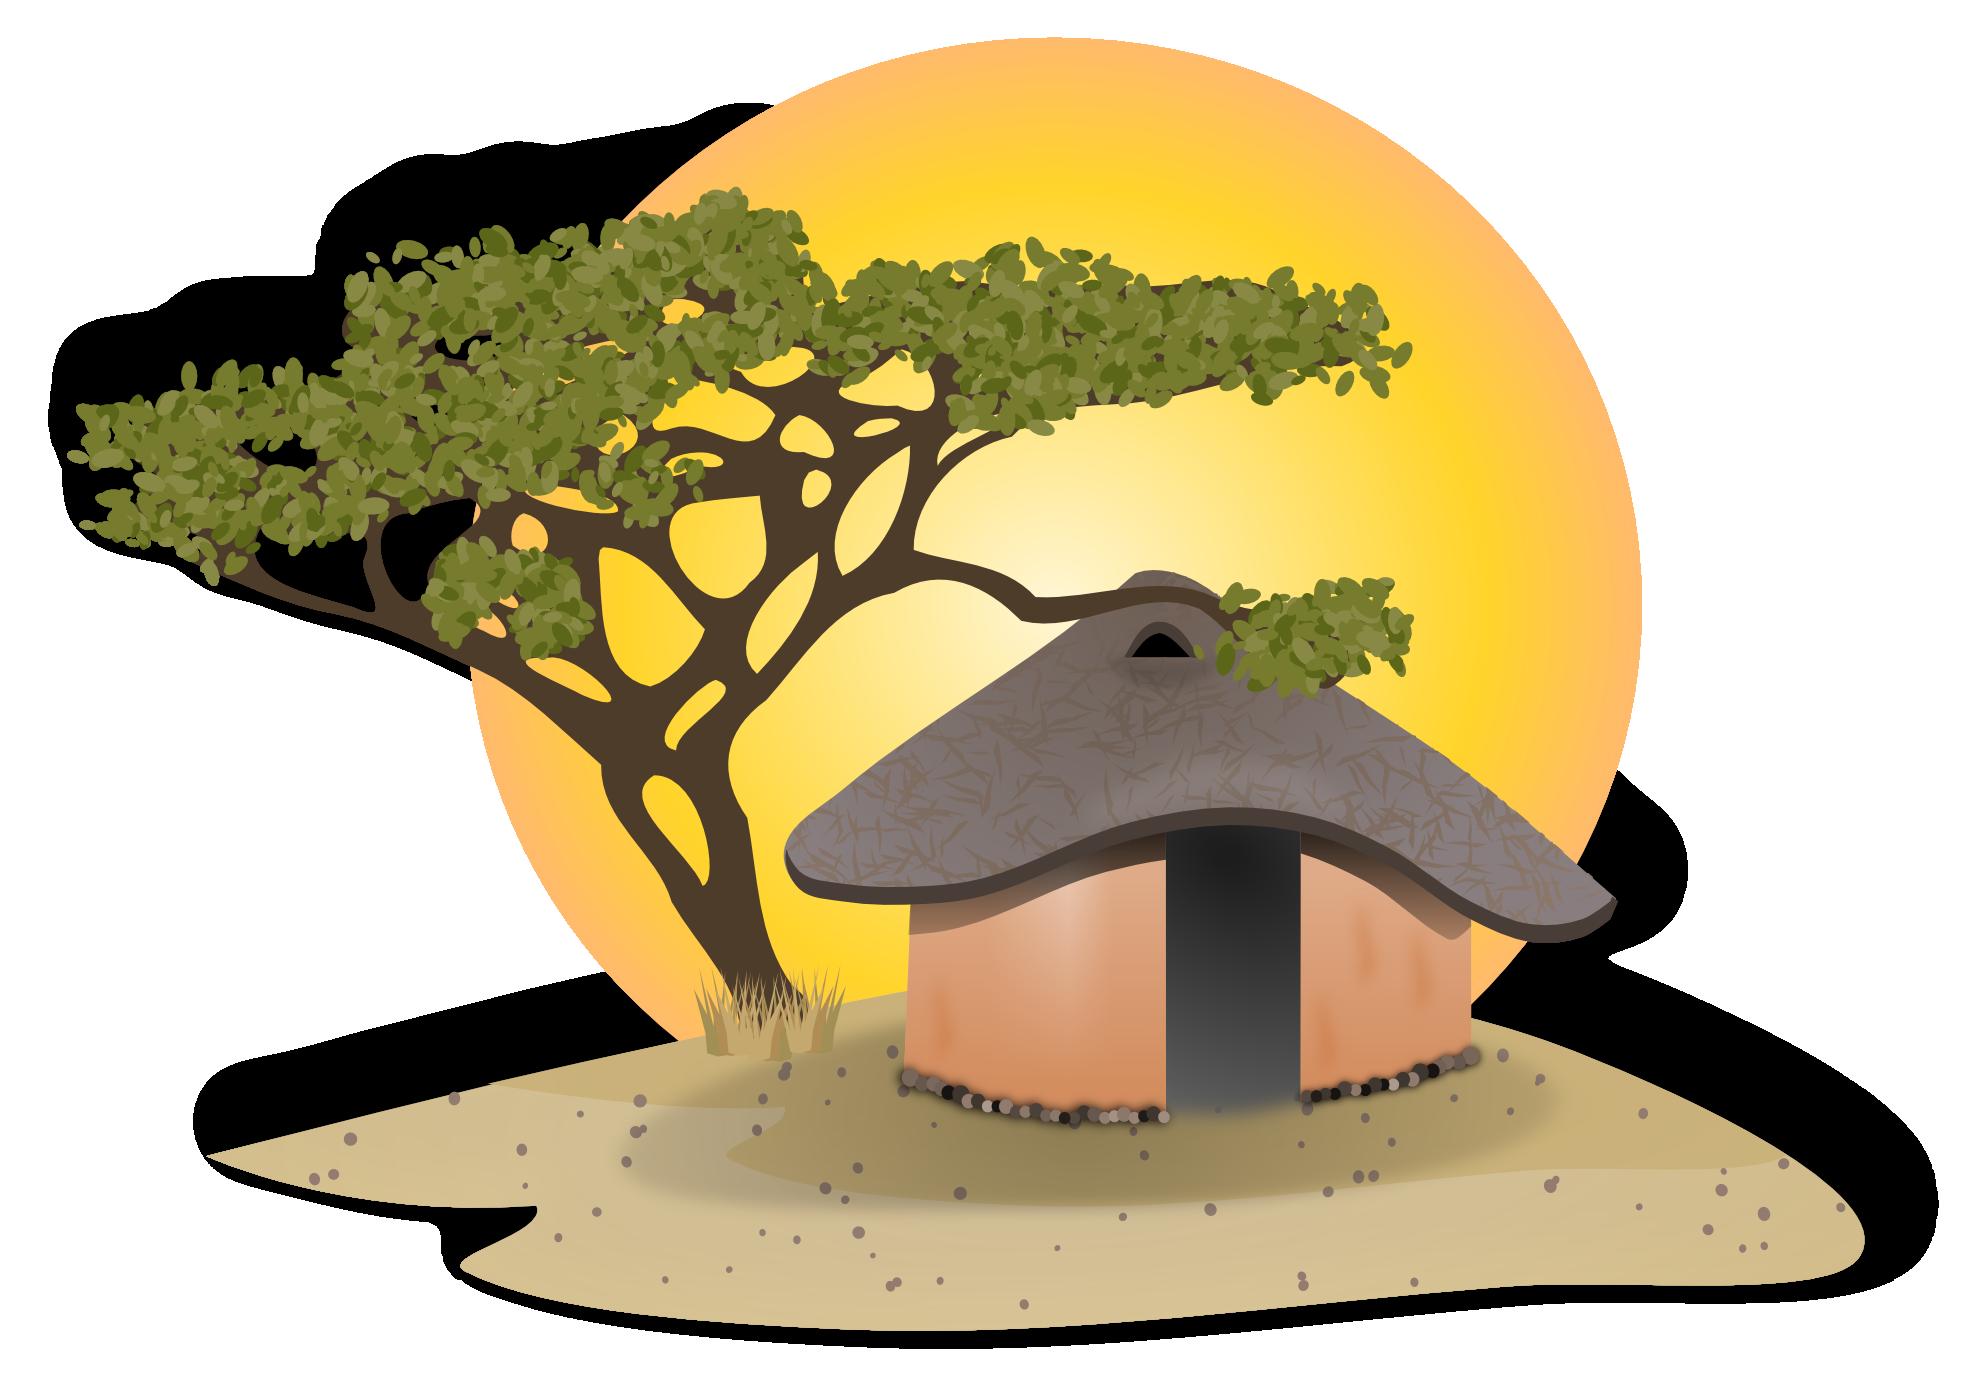 Hut clipart chinese hut. Clipartist net clip art